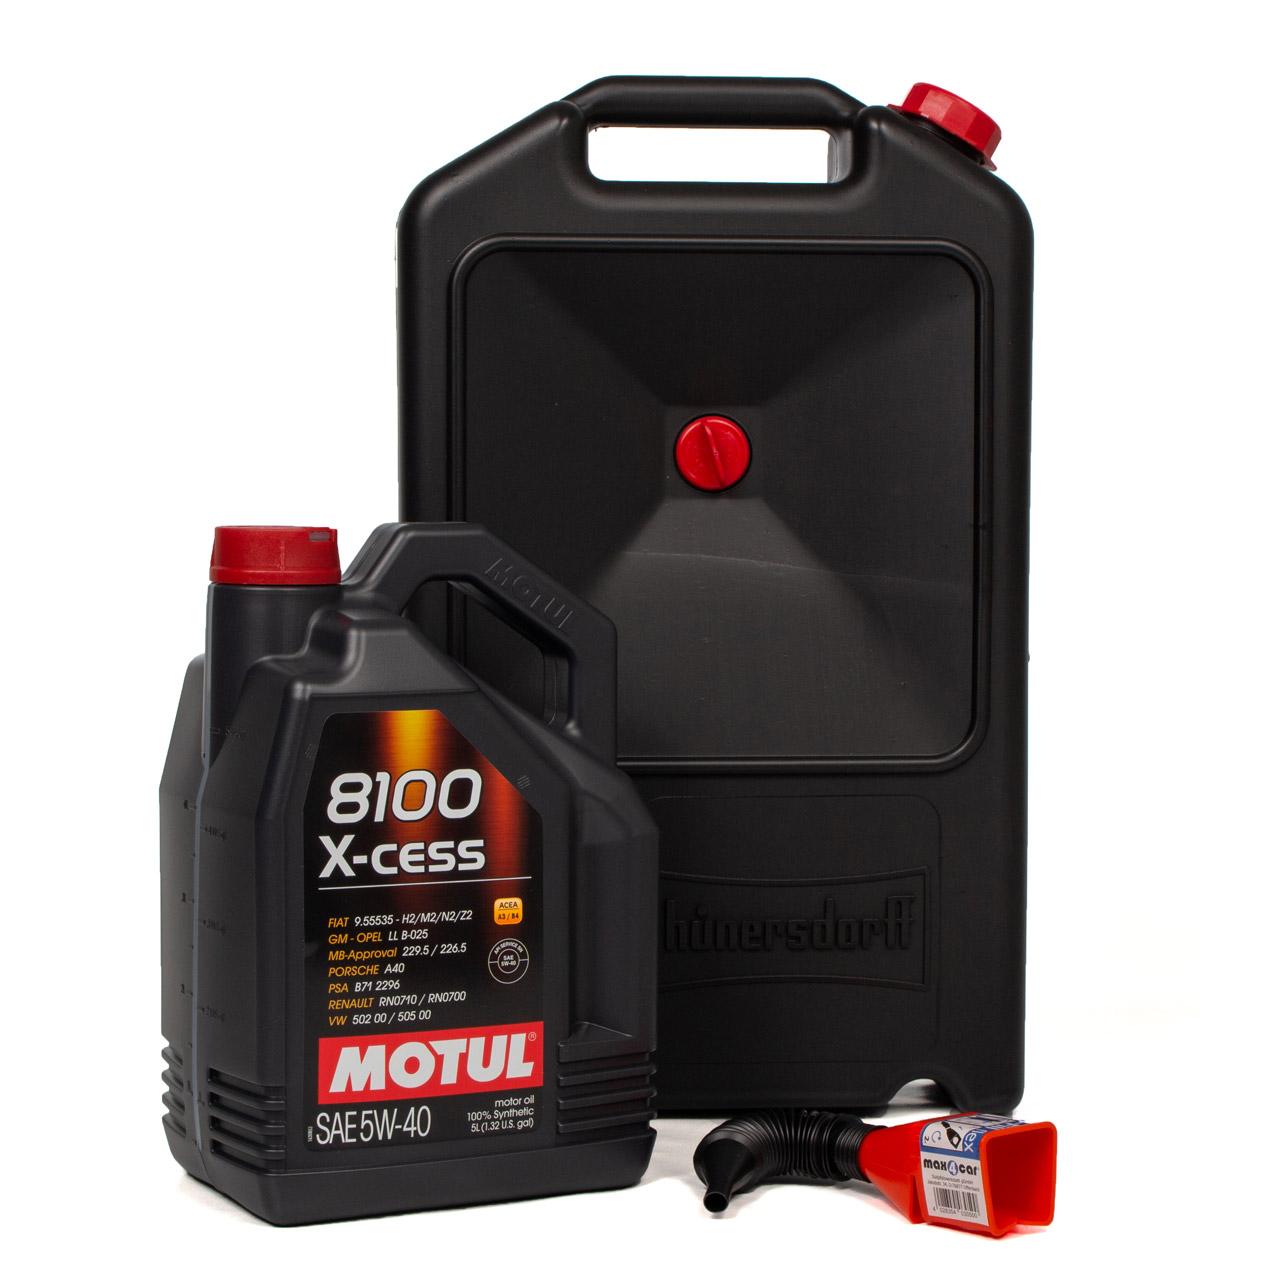 MOTUL 8100 X-cess Motoröl Öl 5W-40 5W40 - 5 Liter + Trichter + Auffangwanne